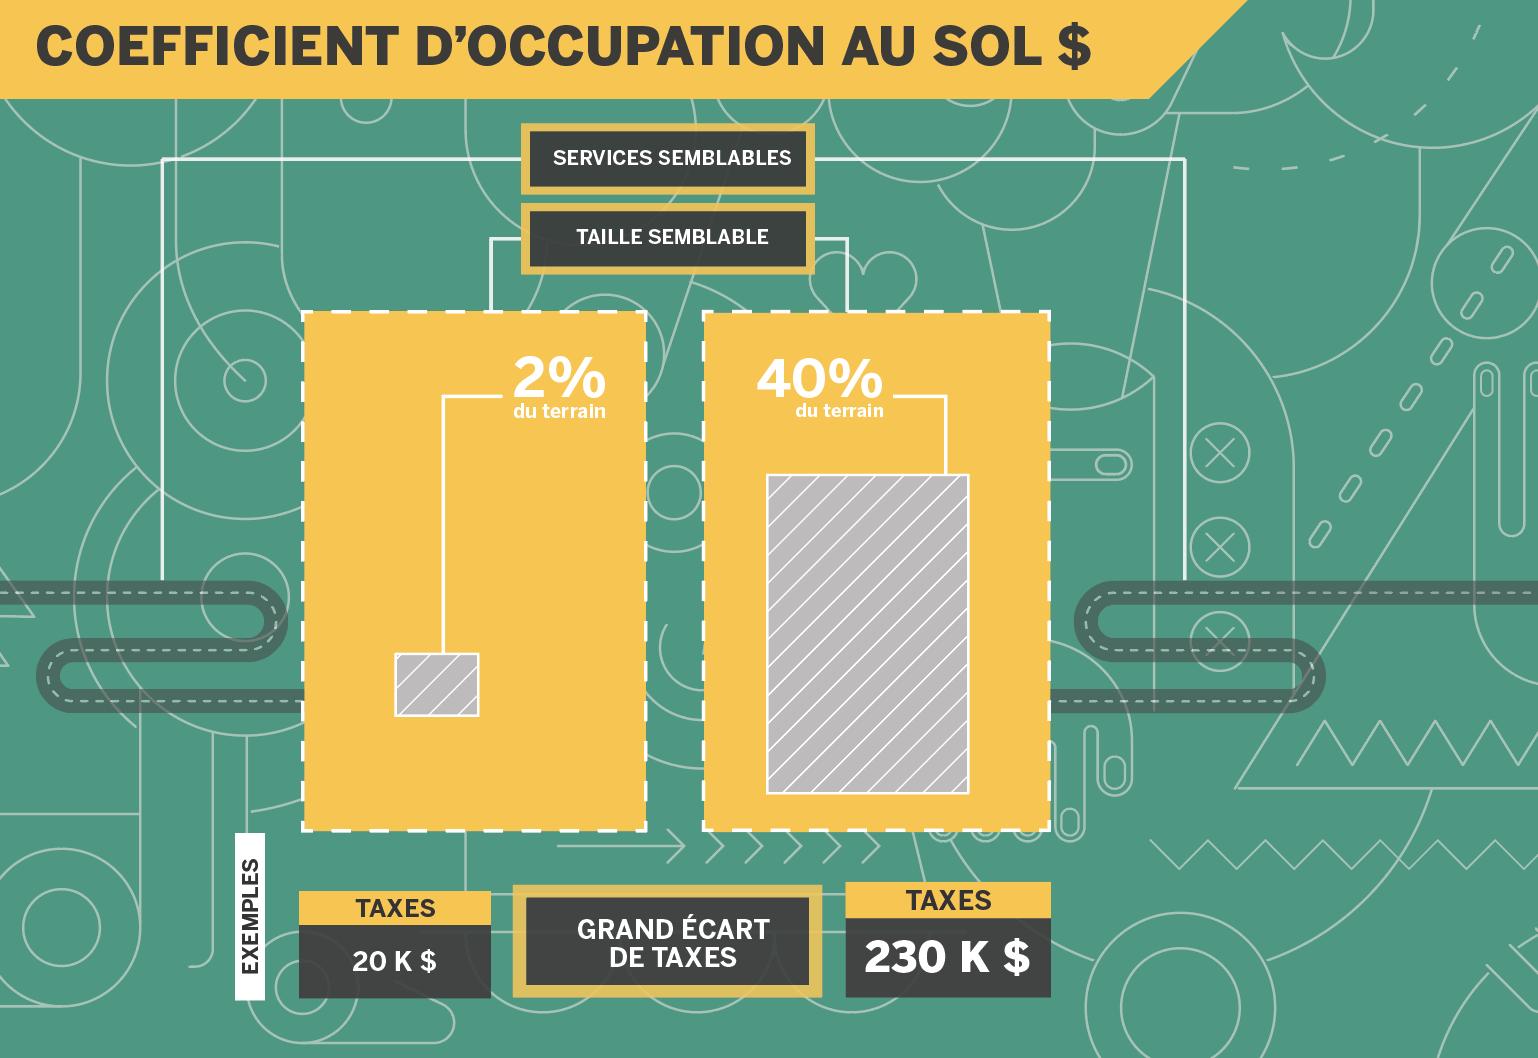 Coefficient d'occupation au sol (1)